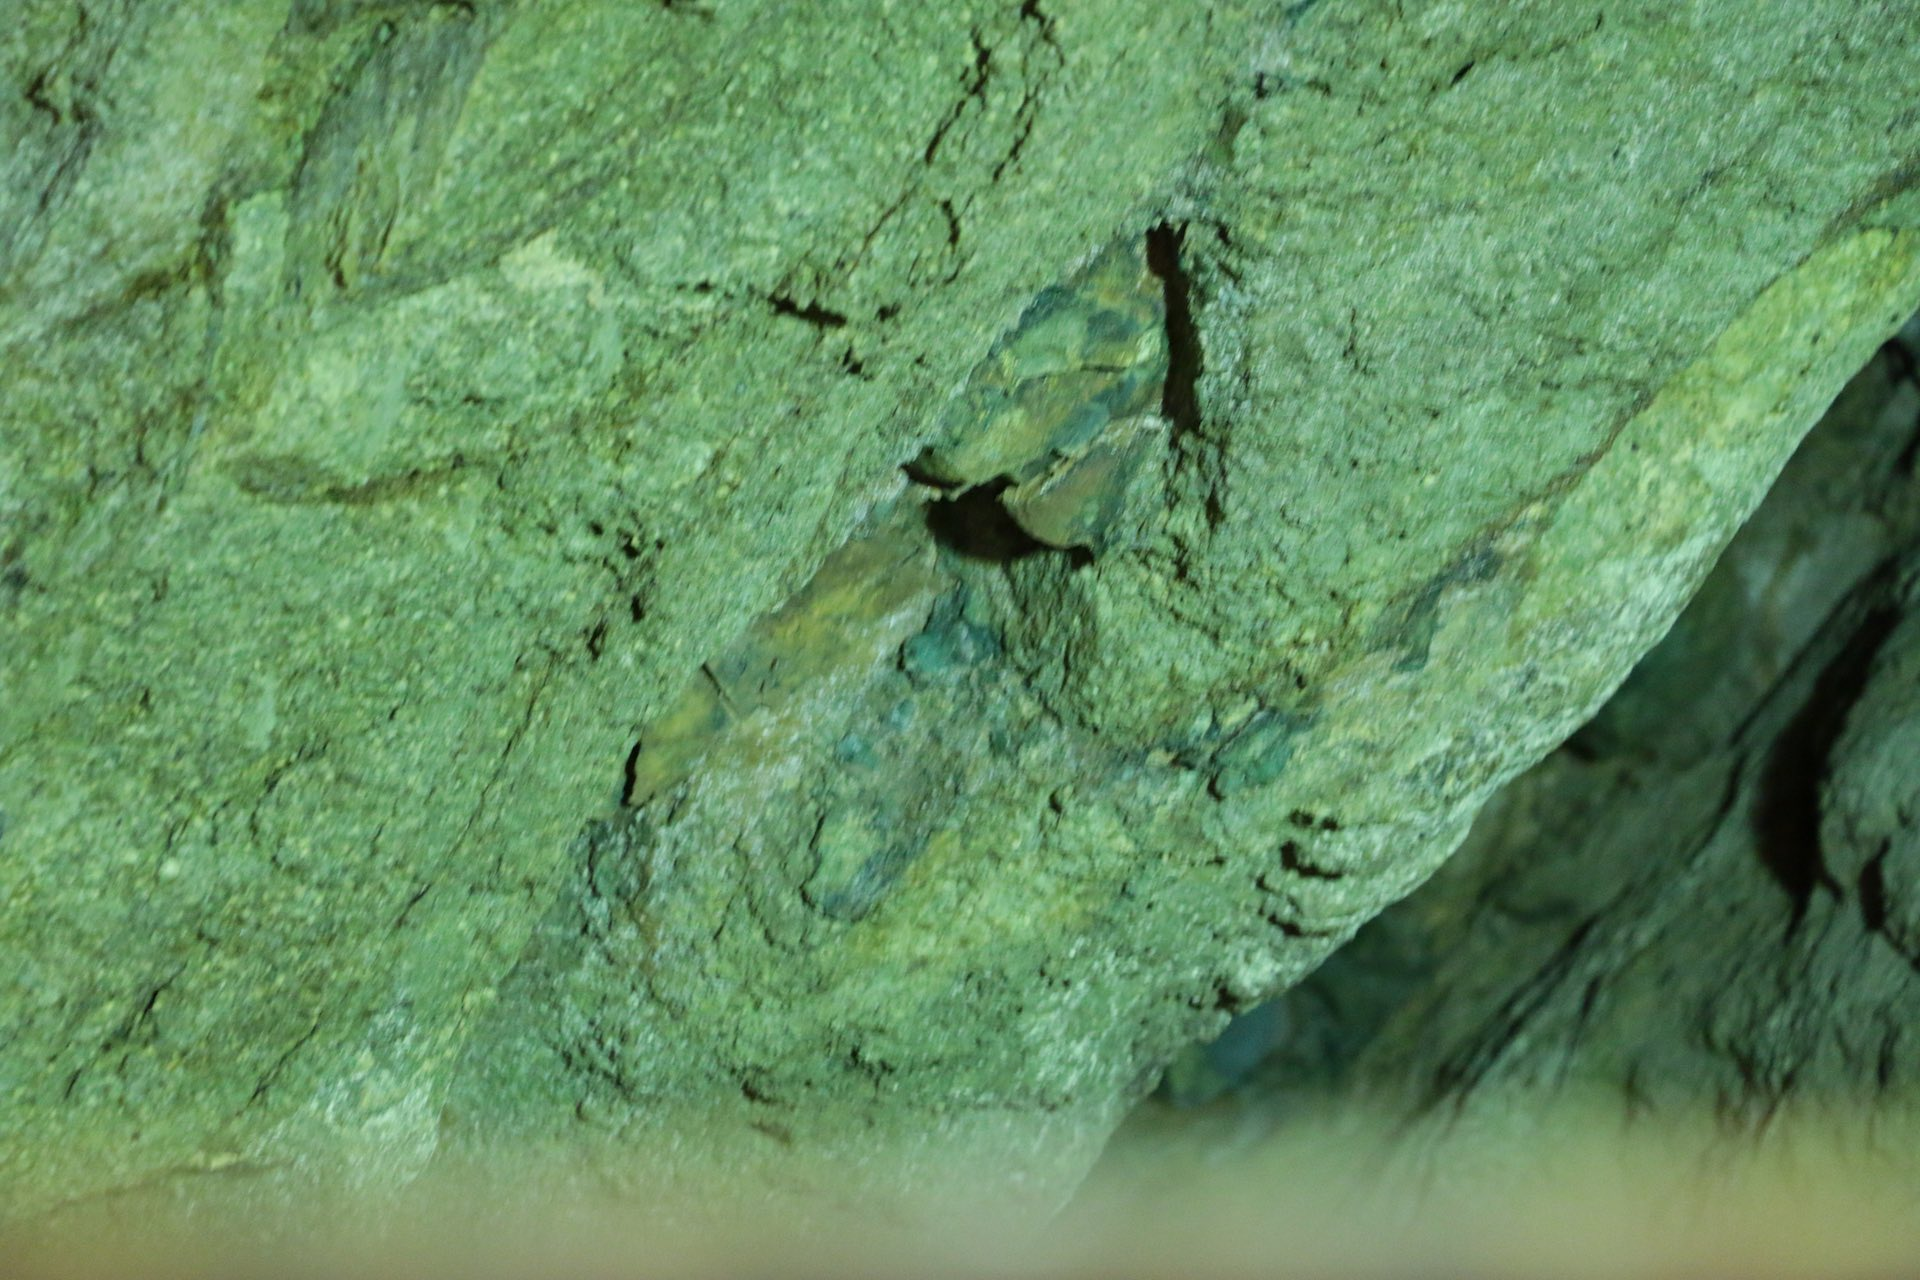 トンネルの奥は、かつての採掘現場の跡。目をこらすと壁に青めのうのような鉱石が